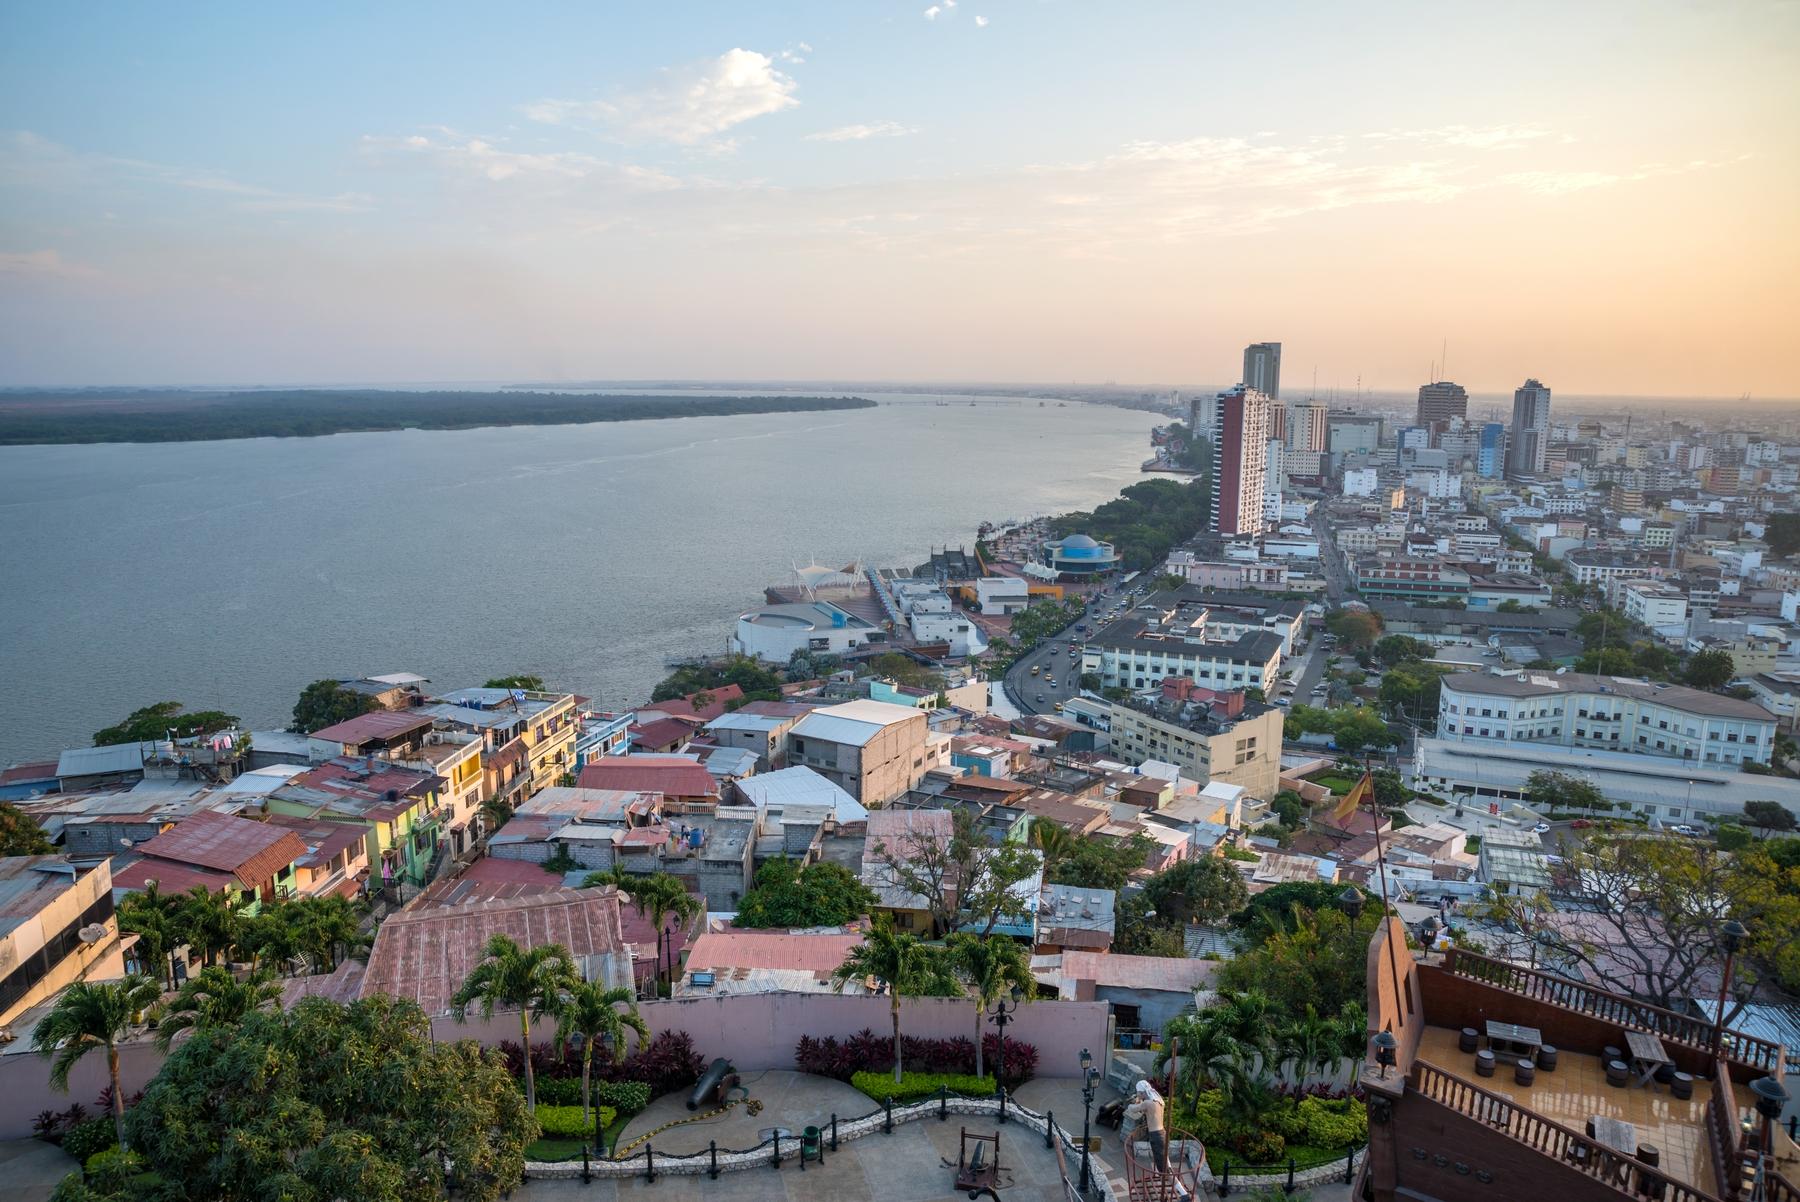 guayaquil, islas galapagos, rio guayas, que hacer en guayaquil, mirador guayaquil, donde hospedarse en guayaquil, ecuador